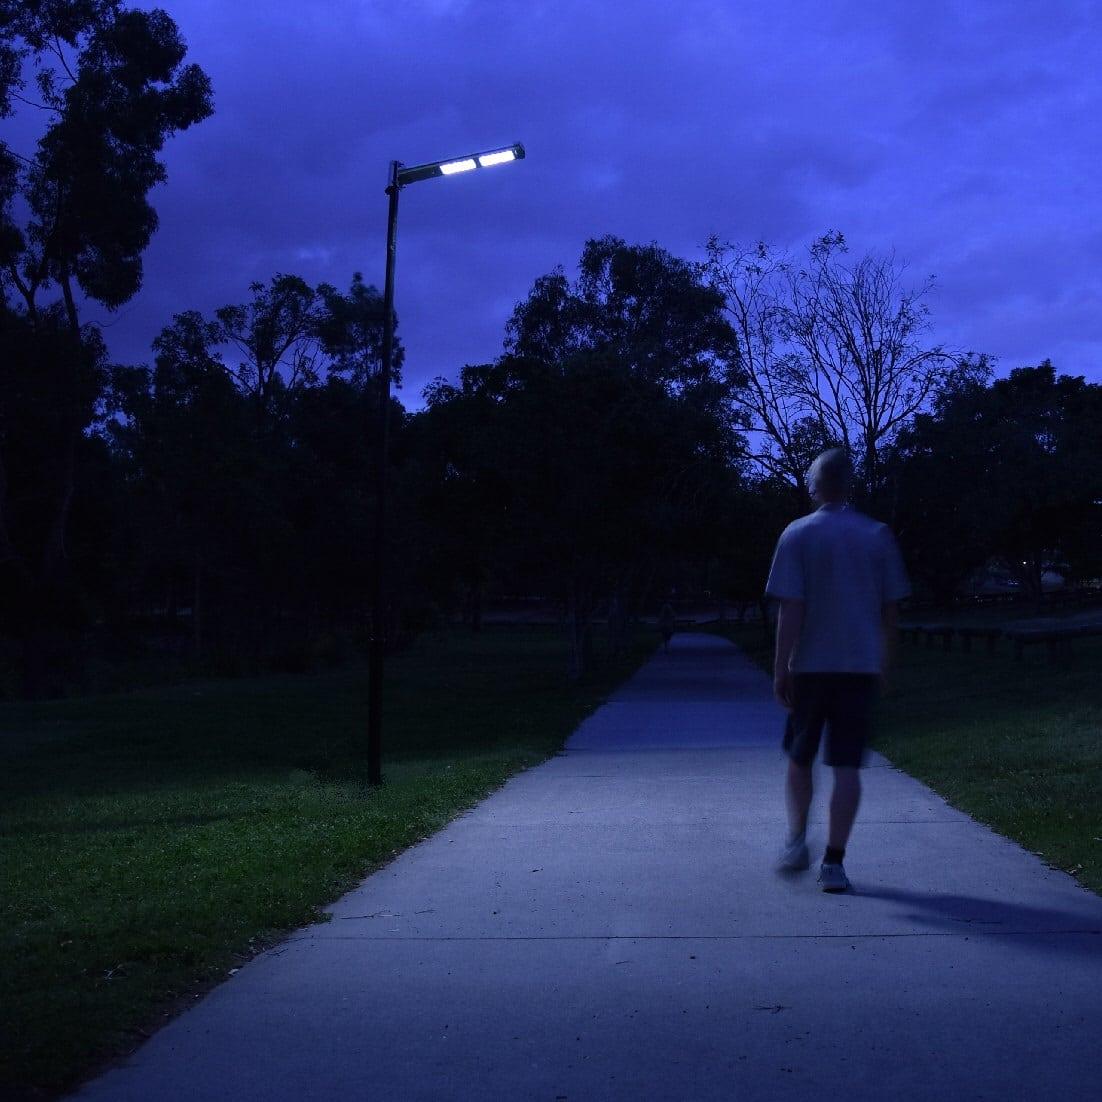 Solar Street Light Trafalgar20 Blackfrog Solar